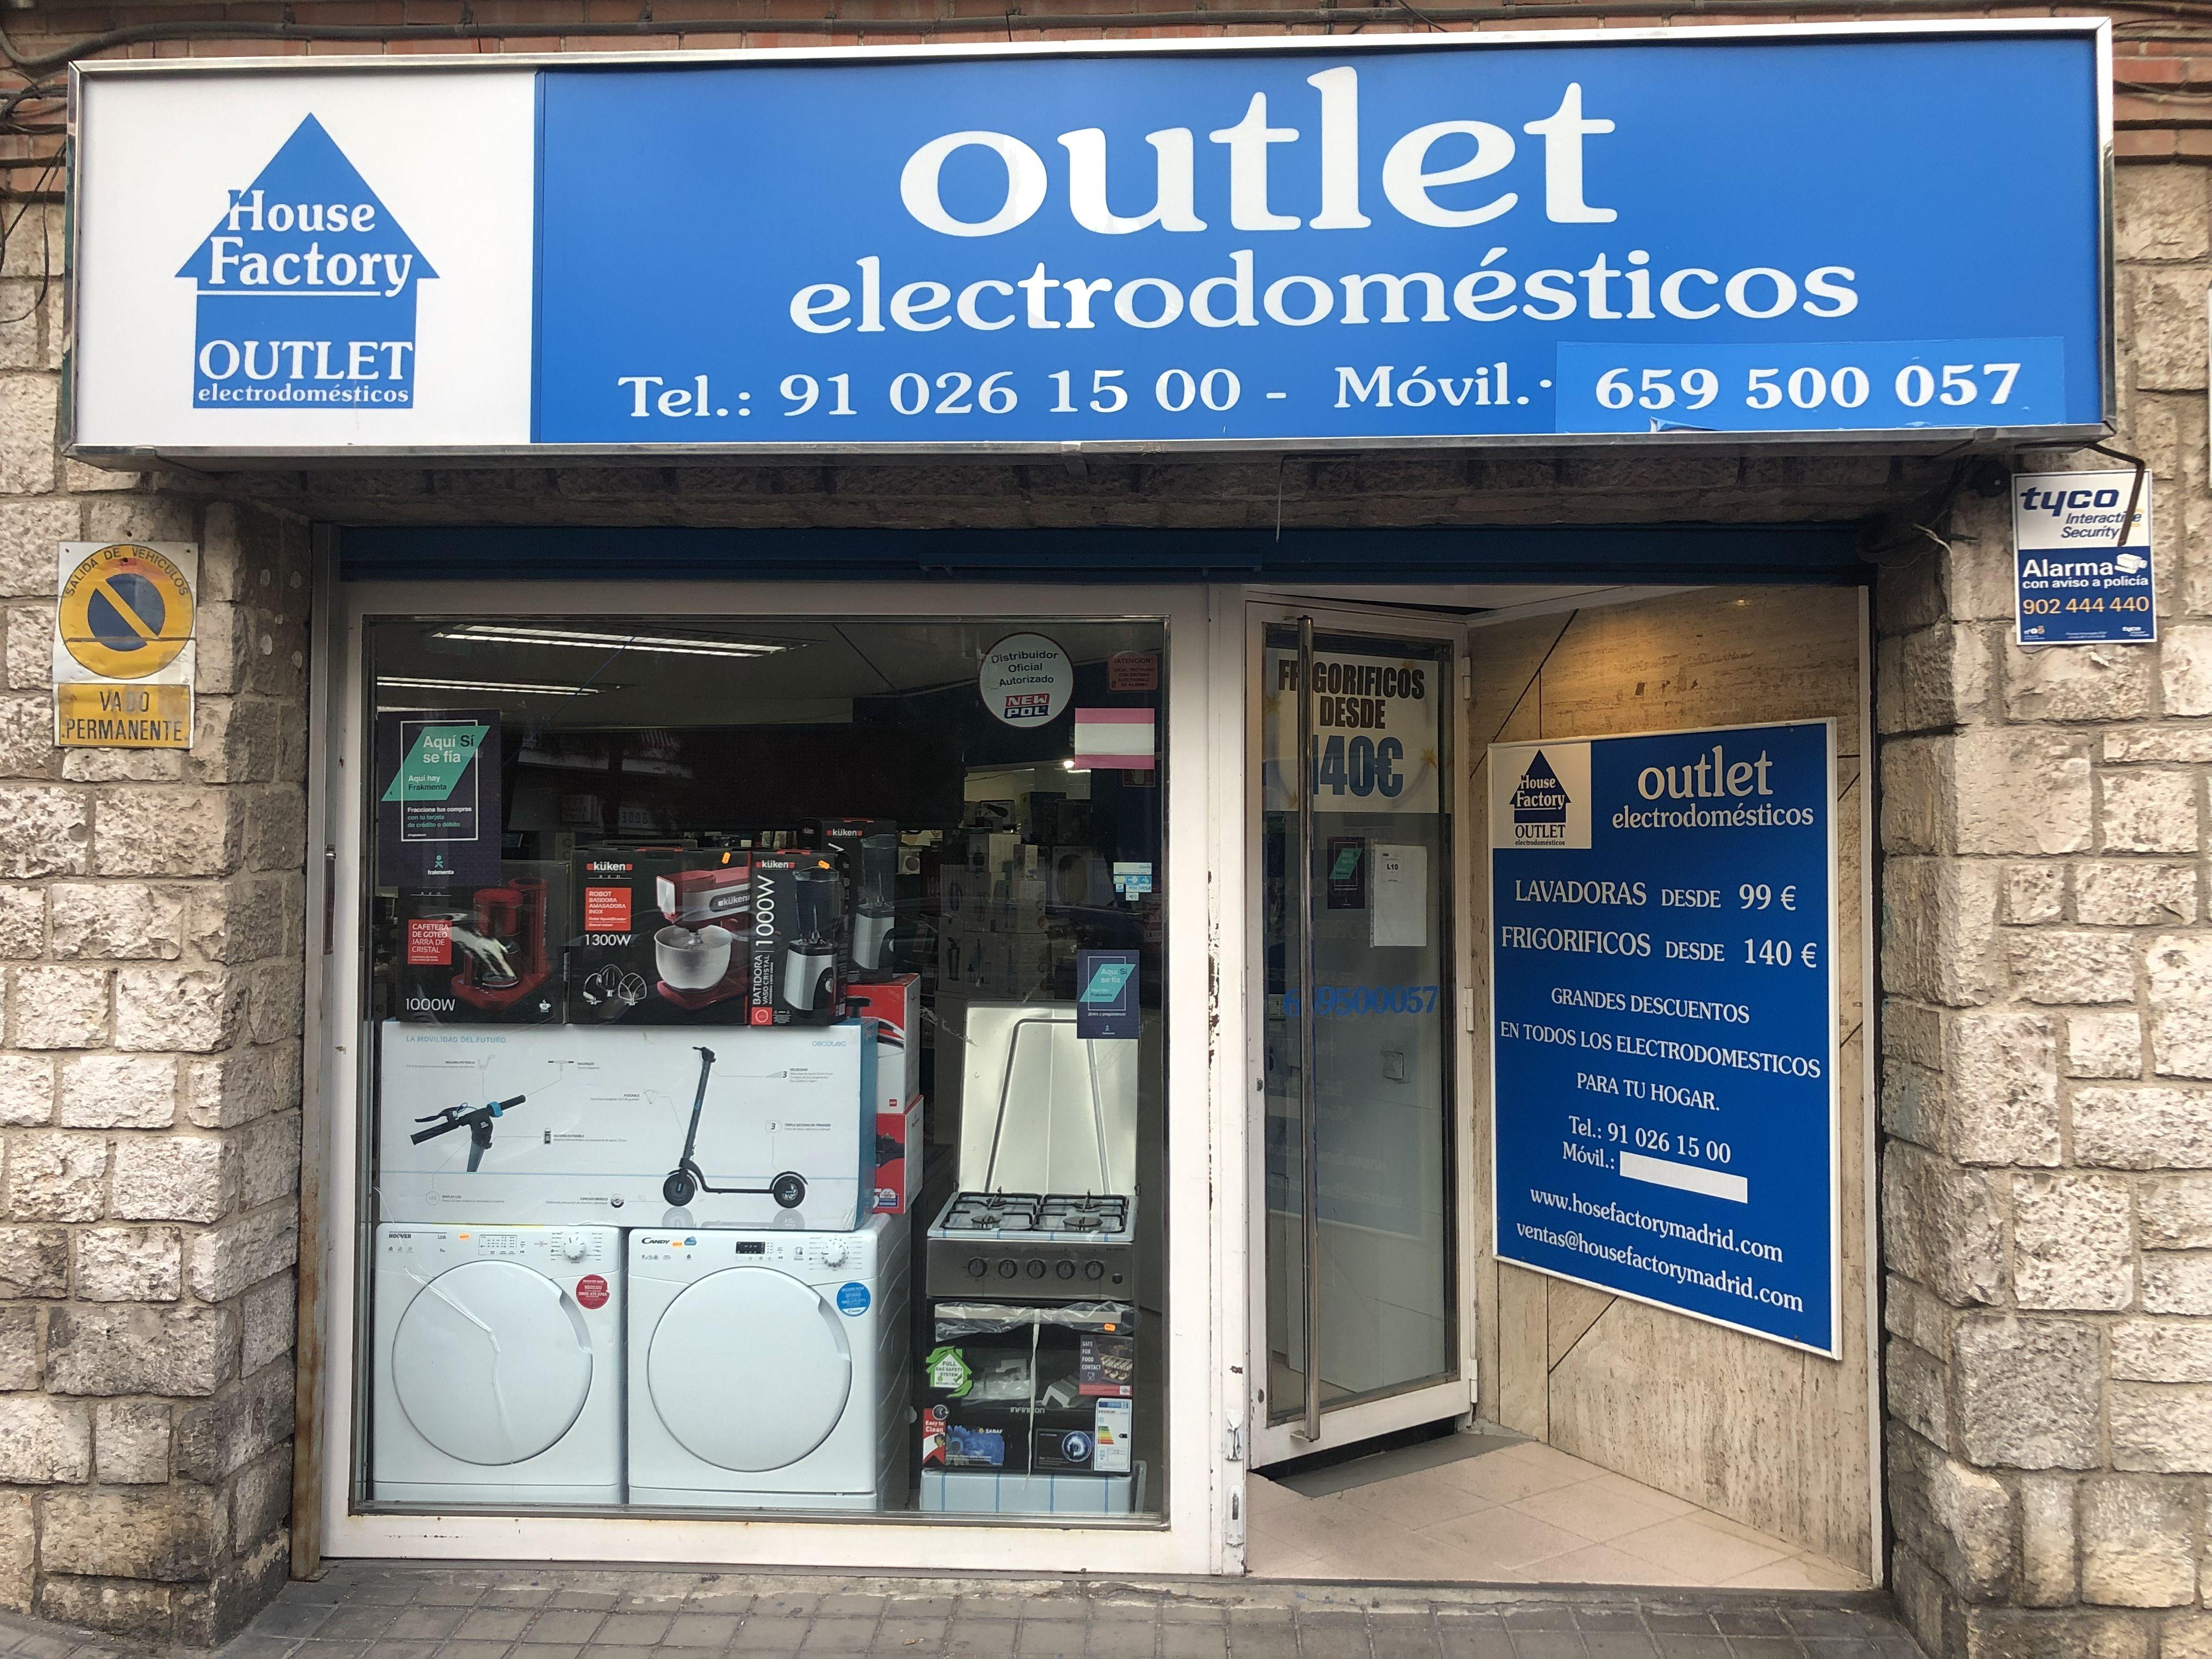 Foto 13 de Outlet de electrodomésticos en Pueblo Nuevo | House Factory Madrid Outlet de Electrodomésticos Pueblo Nuevo